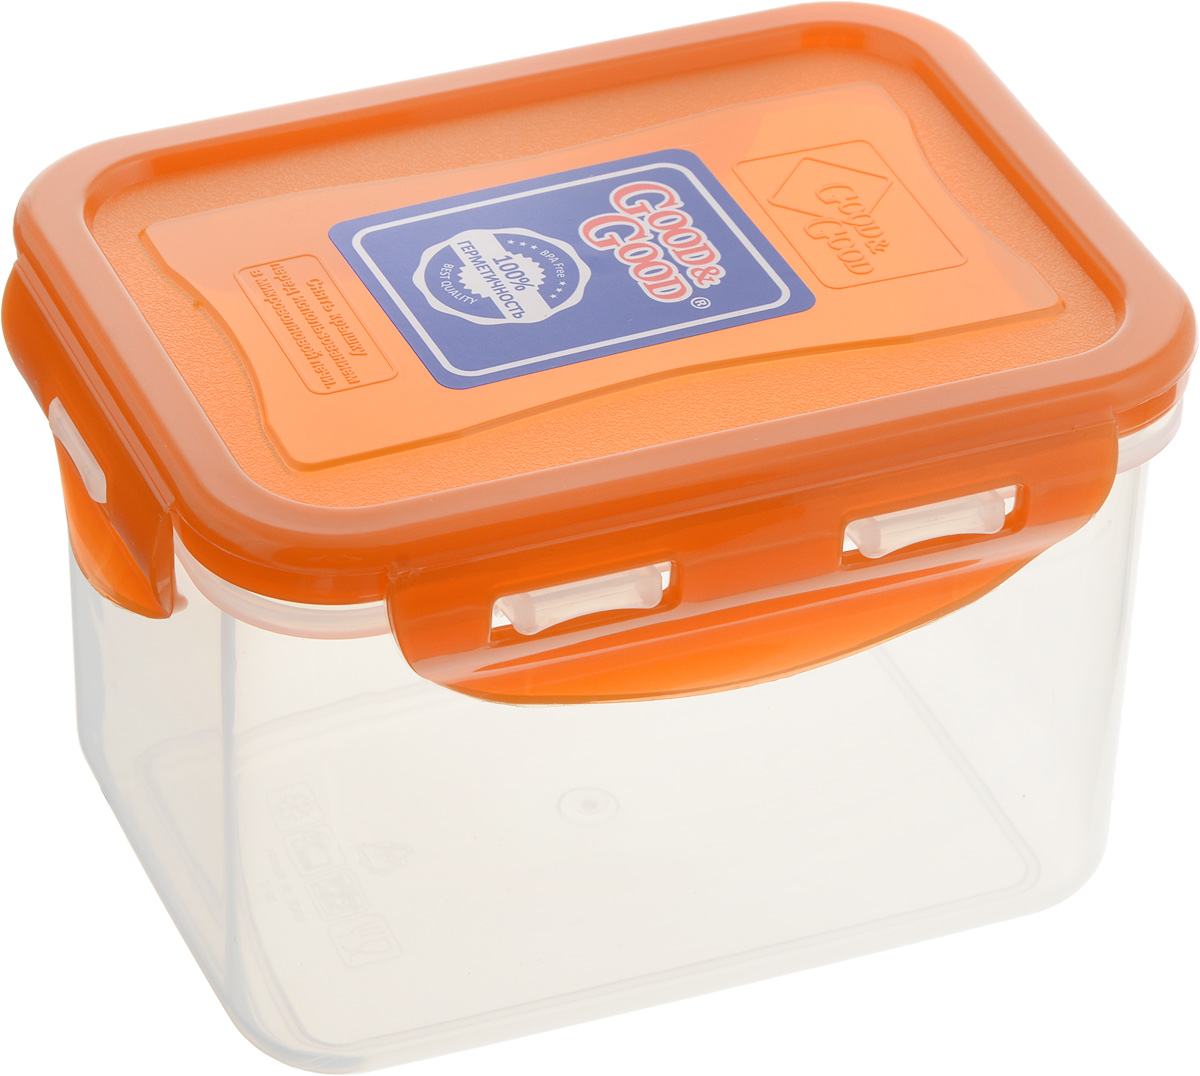 Контейнер пищевой Good&Good, цвет: прозрачный, оранжевый, 630 мл61448_фиолетовыйПрямоугольный контейнер Good&Good изготовлен извысококачественного полипропилена и предназначен дляхранения любых пищевых продуктов. Благодаря особымтехнологиям изготовления, лотки в течение временислужбы не меняют цвет и не пропитываются запахами. Крышкас силиконовой вставкой герметично защелкиваетсяспециальным механизмом.Контейнер Good&Good удобен для ежедневногоиспользования в быту. Можно мыть в посудомоечной машине и использовать вмикроволновой печи. Размер контейнера (с учетом крышки): 13 х 10 х 8,5 см.